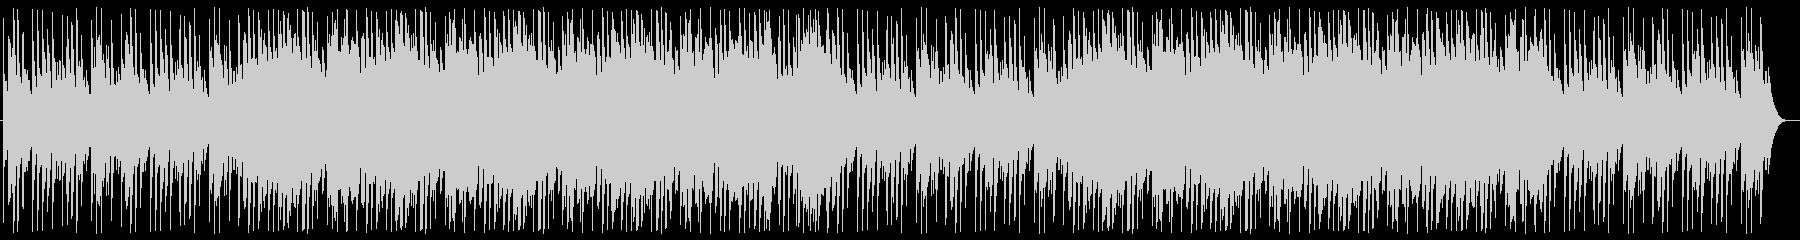 明るくミステリアスな鉄琴シンセサウンドの未再生の波形